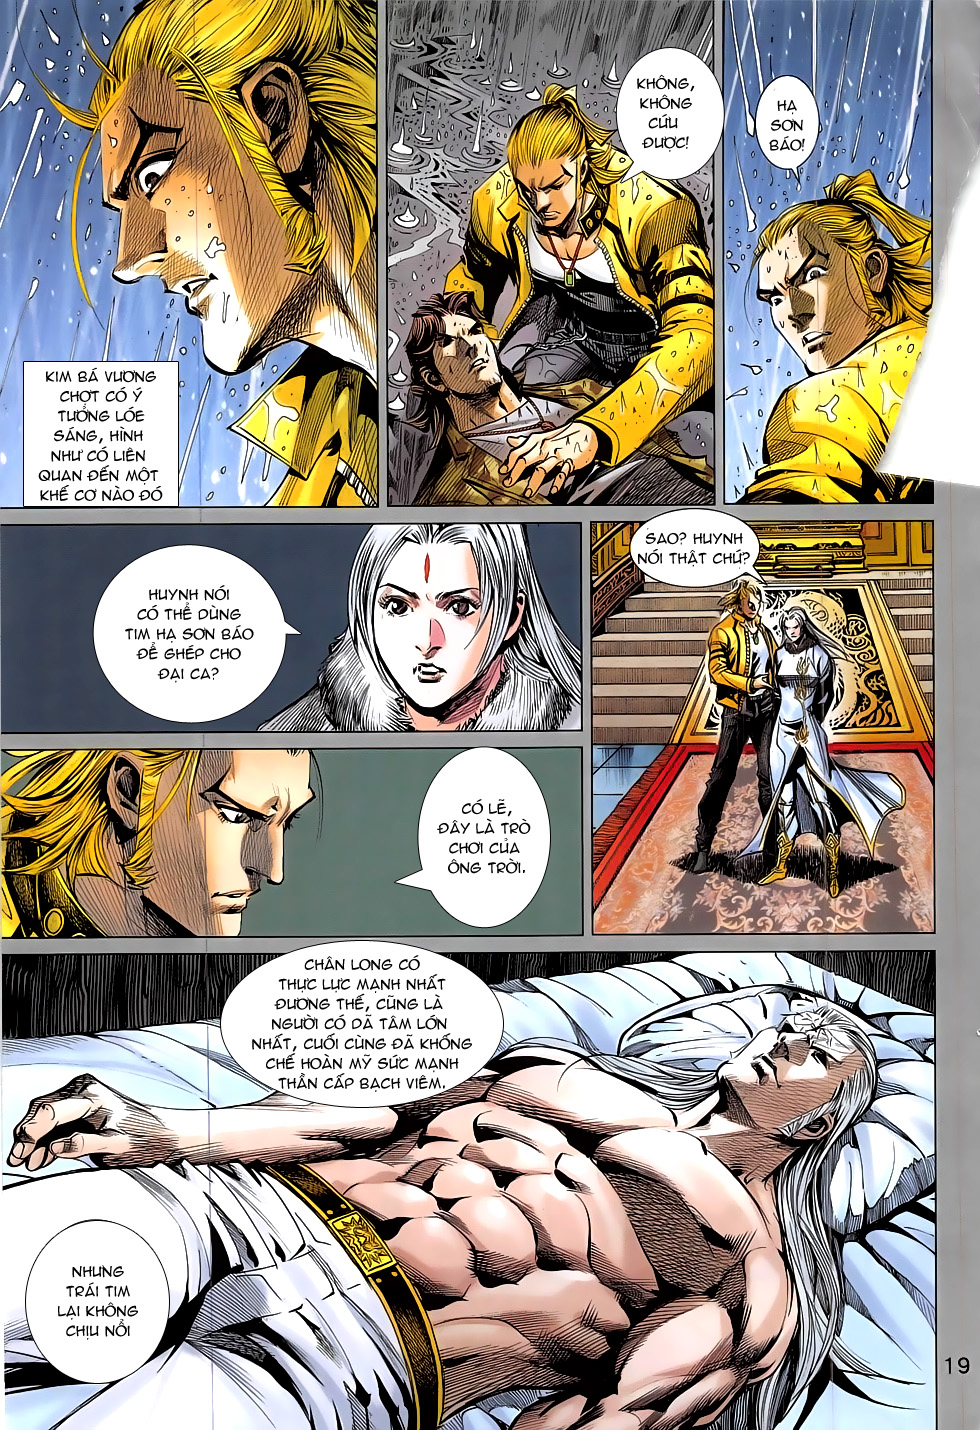 Đông Phương Chân Long chap 66 - Trang 19